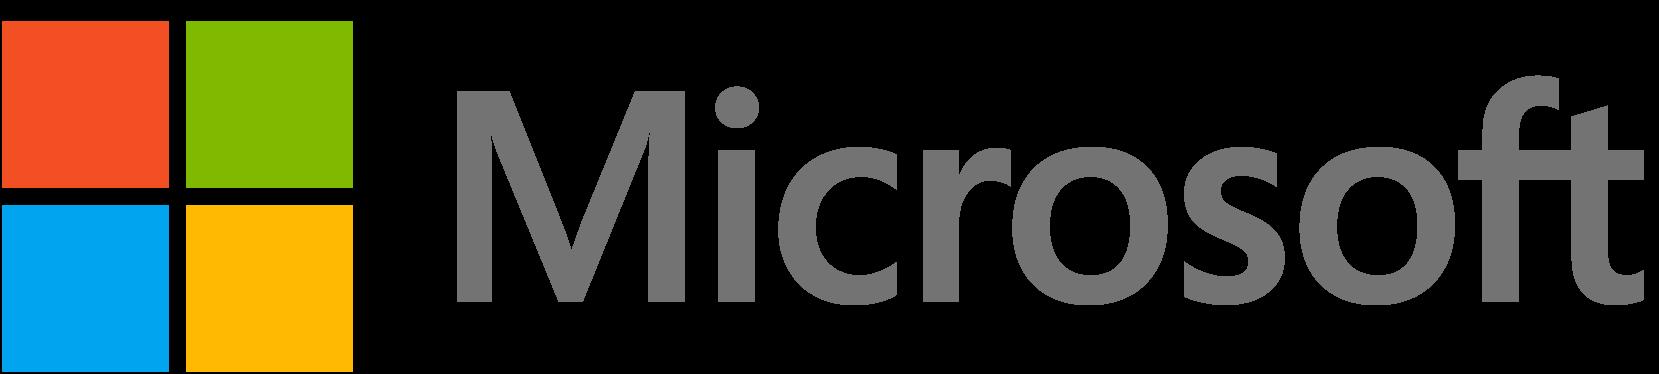 Microsoft 微軟台灣